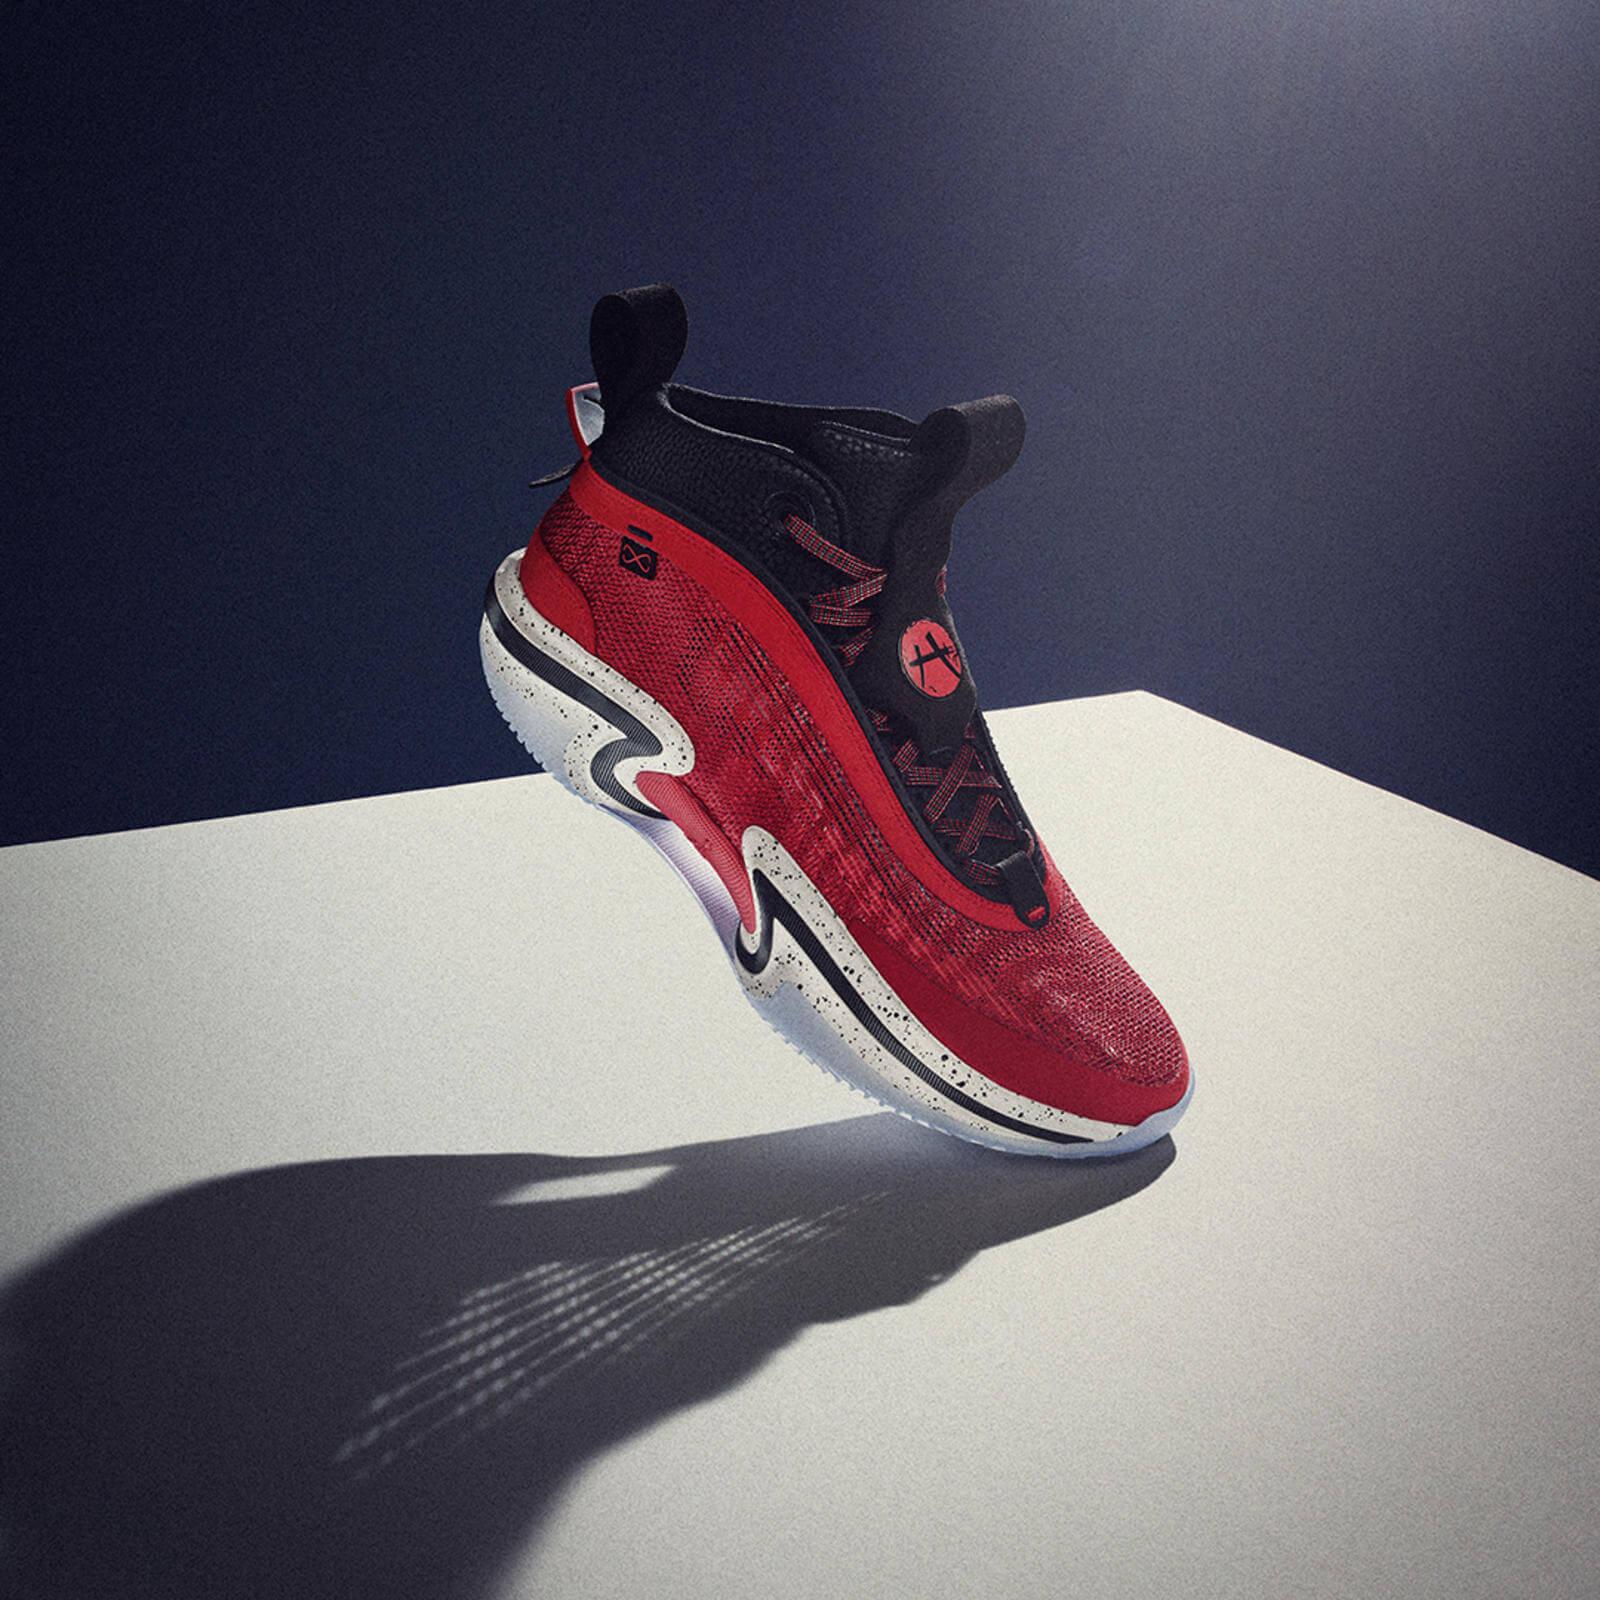 Nike Air Jordan XXXVI36 - Global Game - Rui Hachimura - red black white